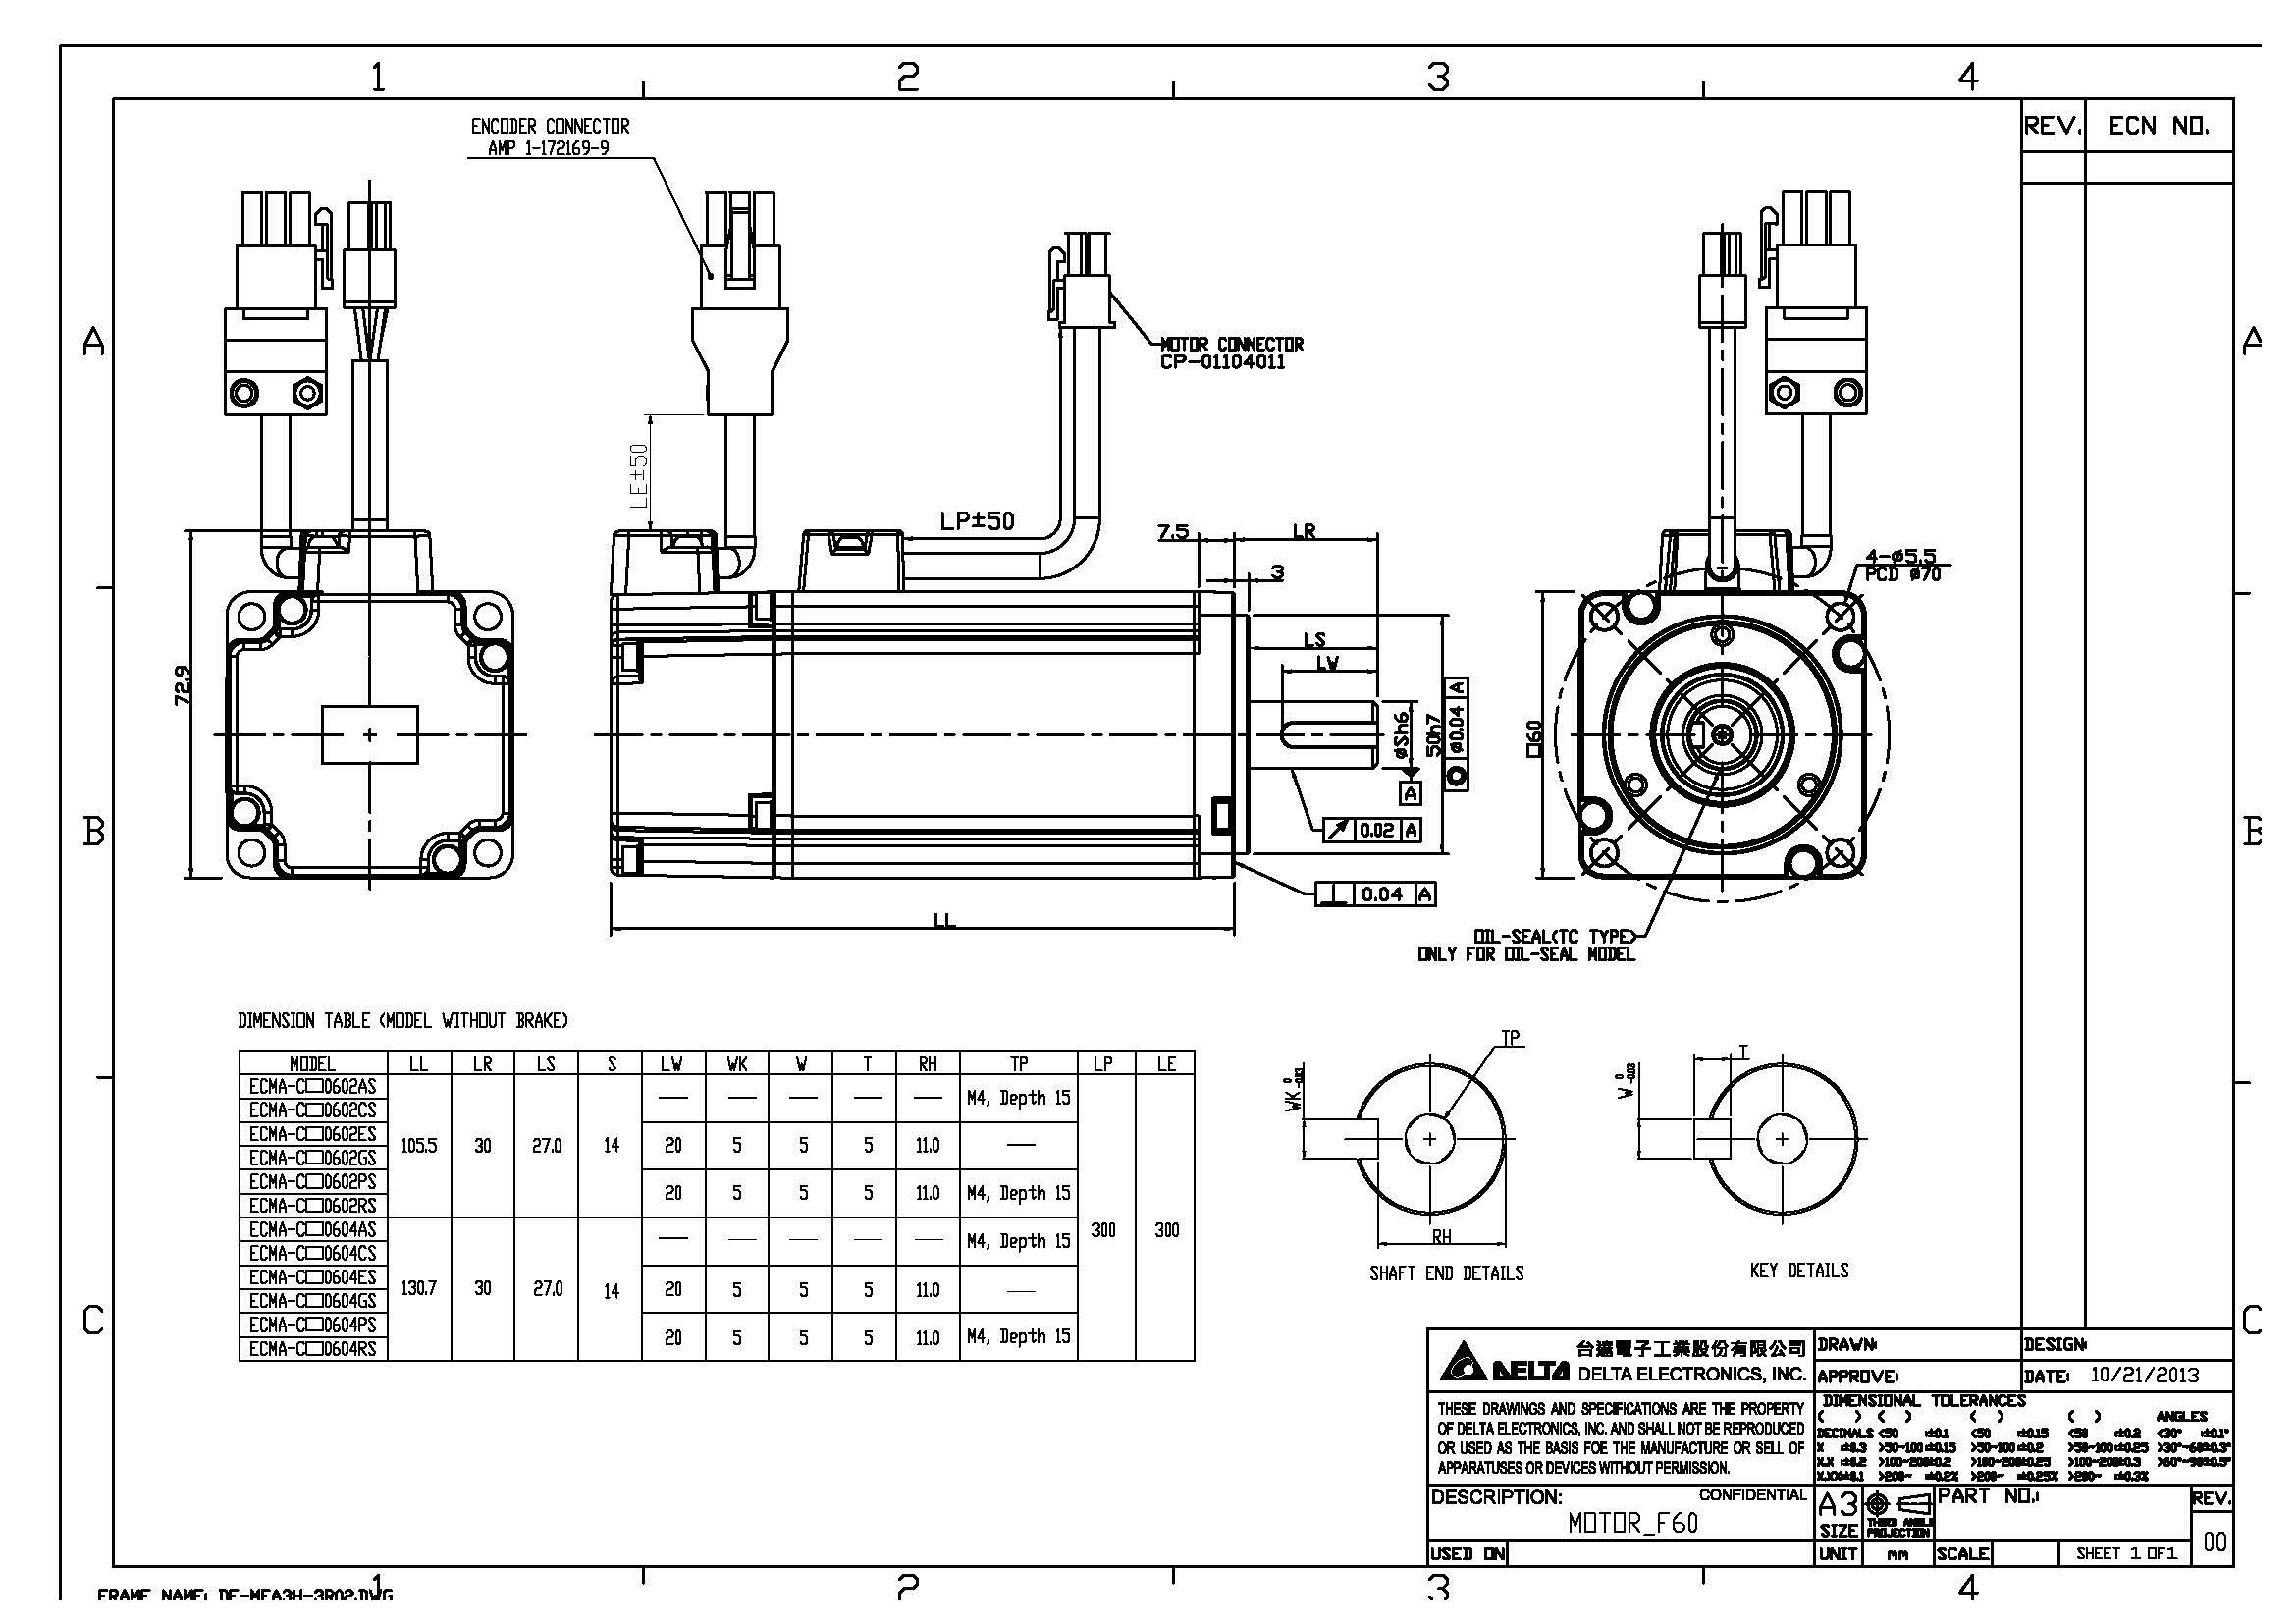 ecma series servo motorswithout brake frame size 60mm ecma c10602as dimension 2d - Motor Frame Sizes